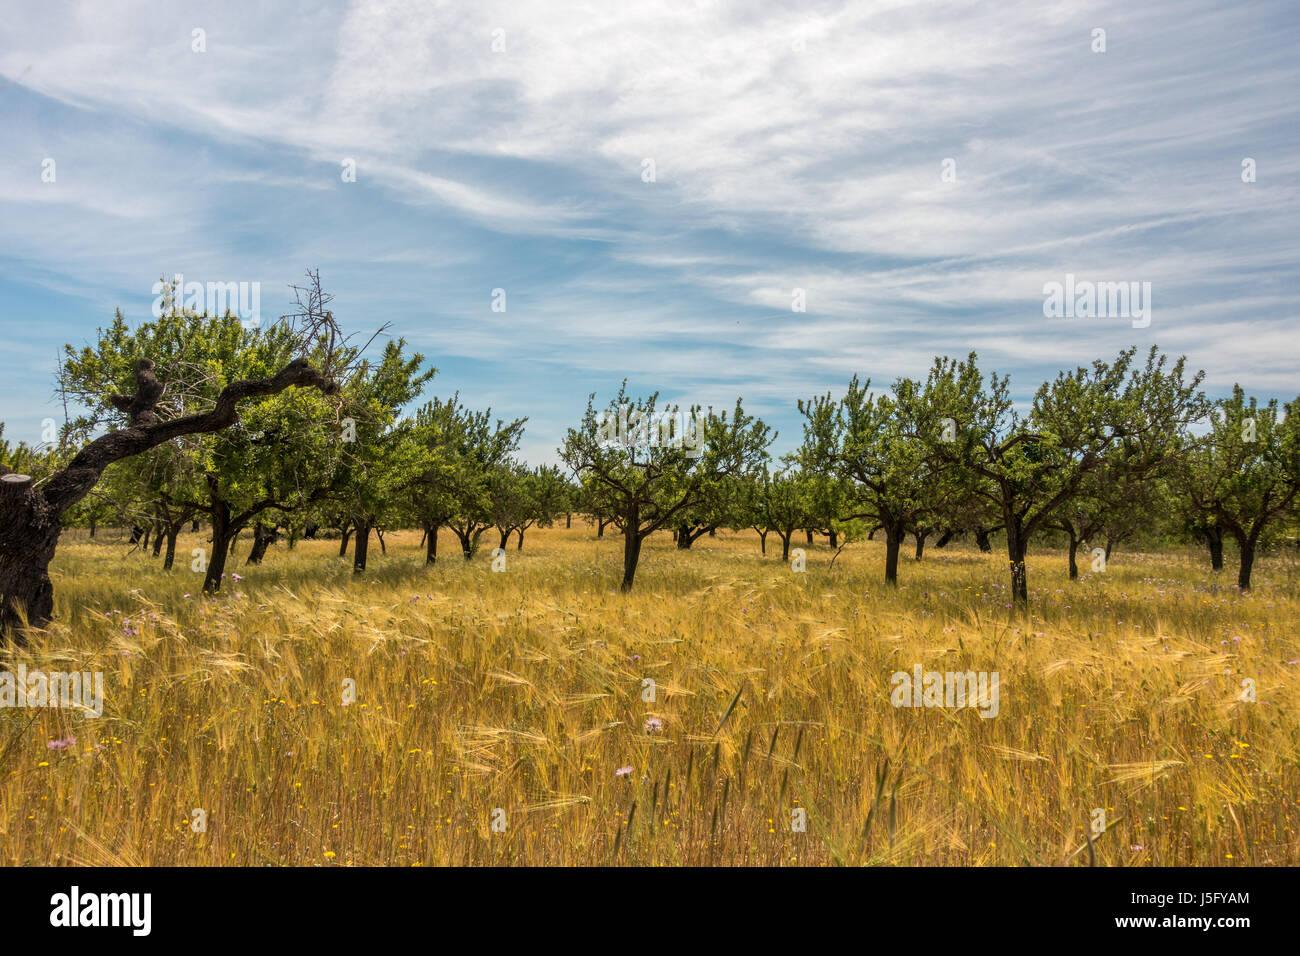 L'agriculture de Majorque avec des arbres et des céréales cultivées, Majorque, Îles Baléares, Photo Stock